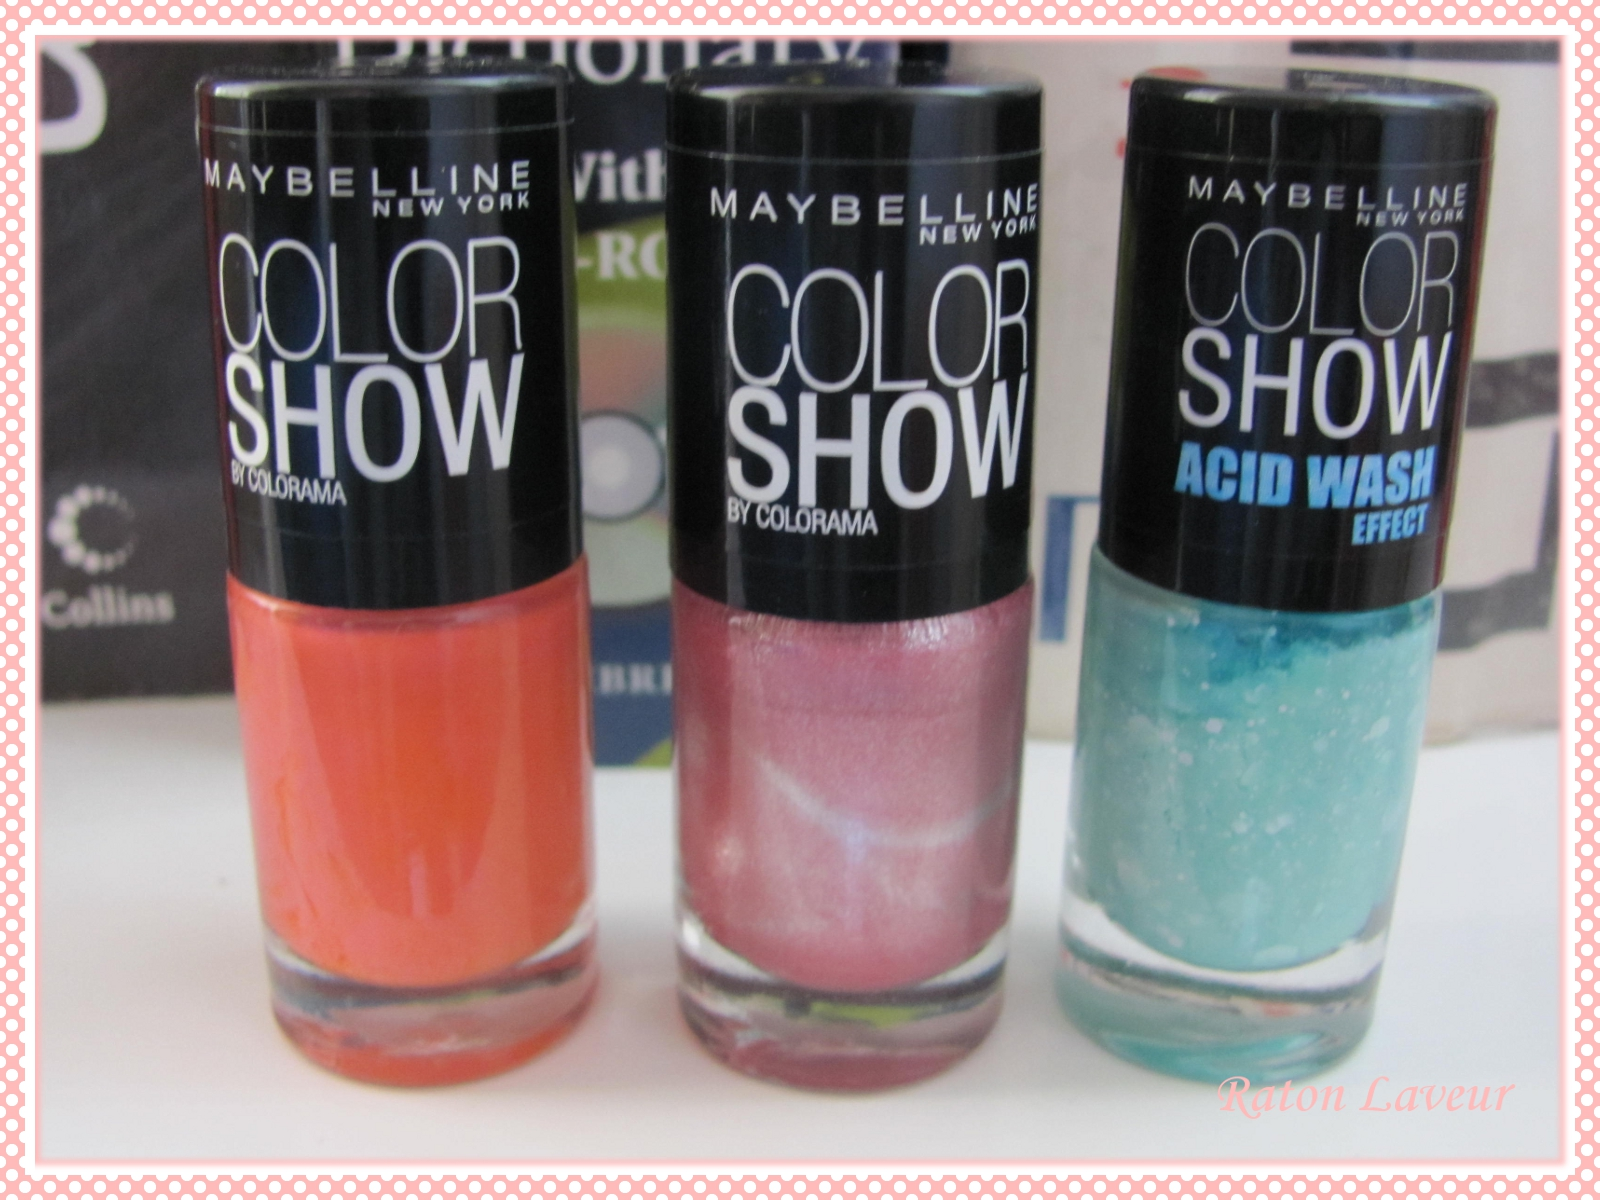 vernis colorshow - Vernis Color Show